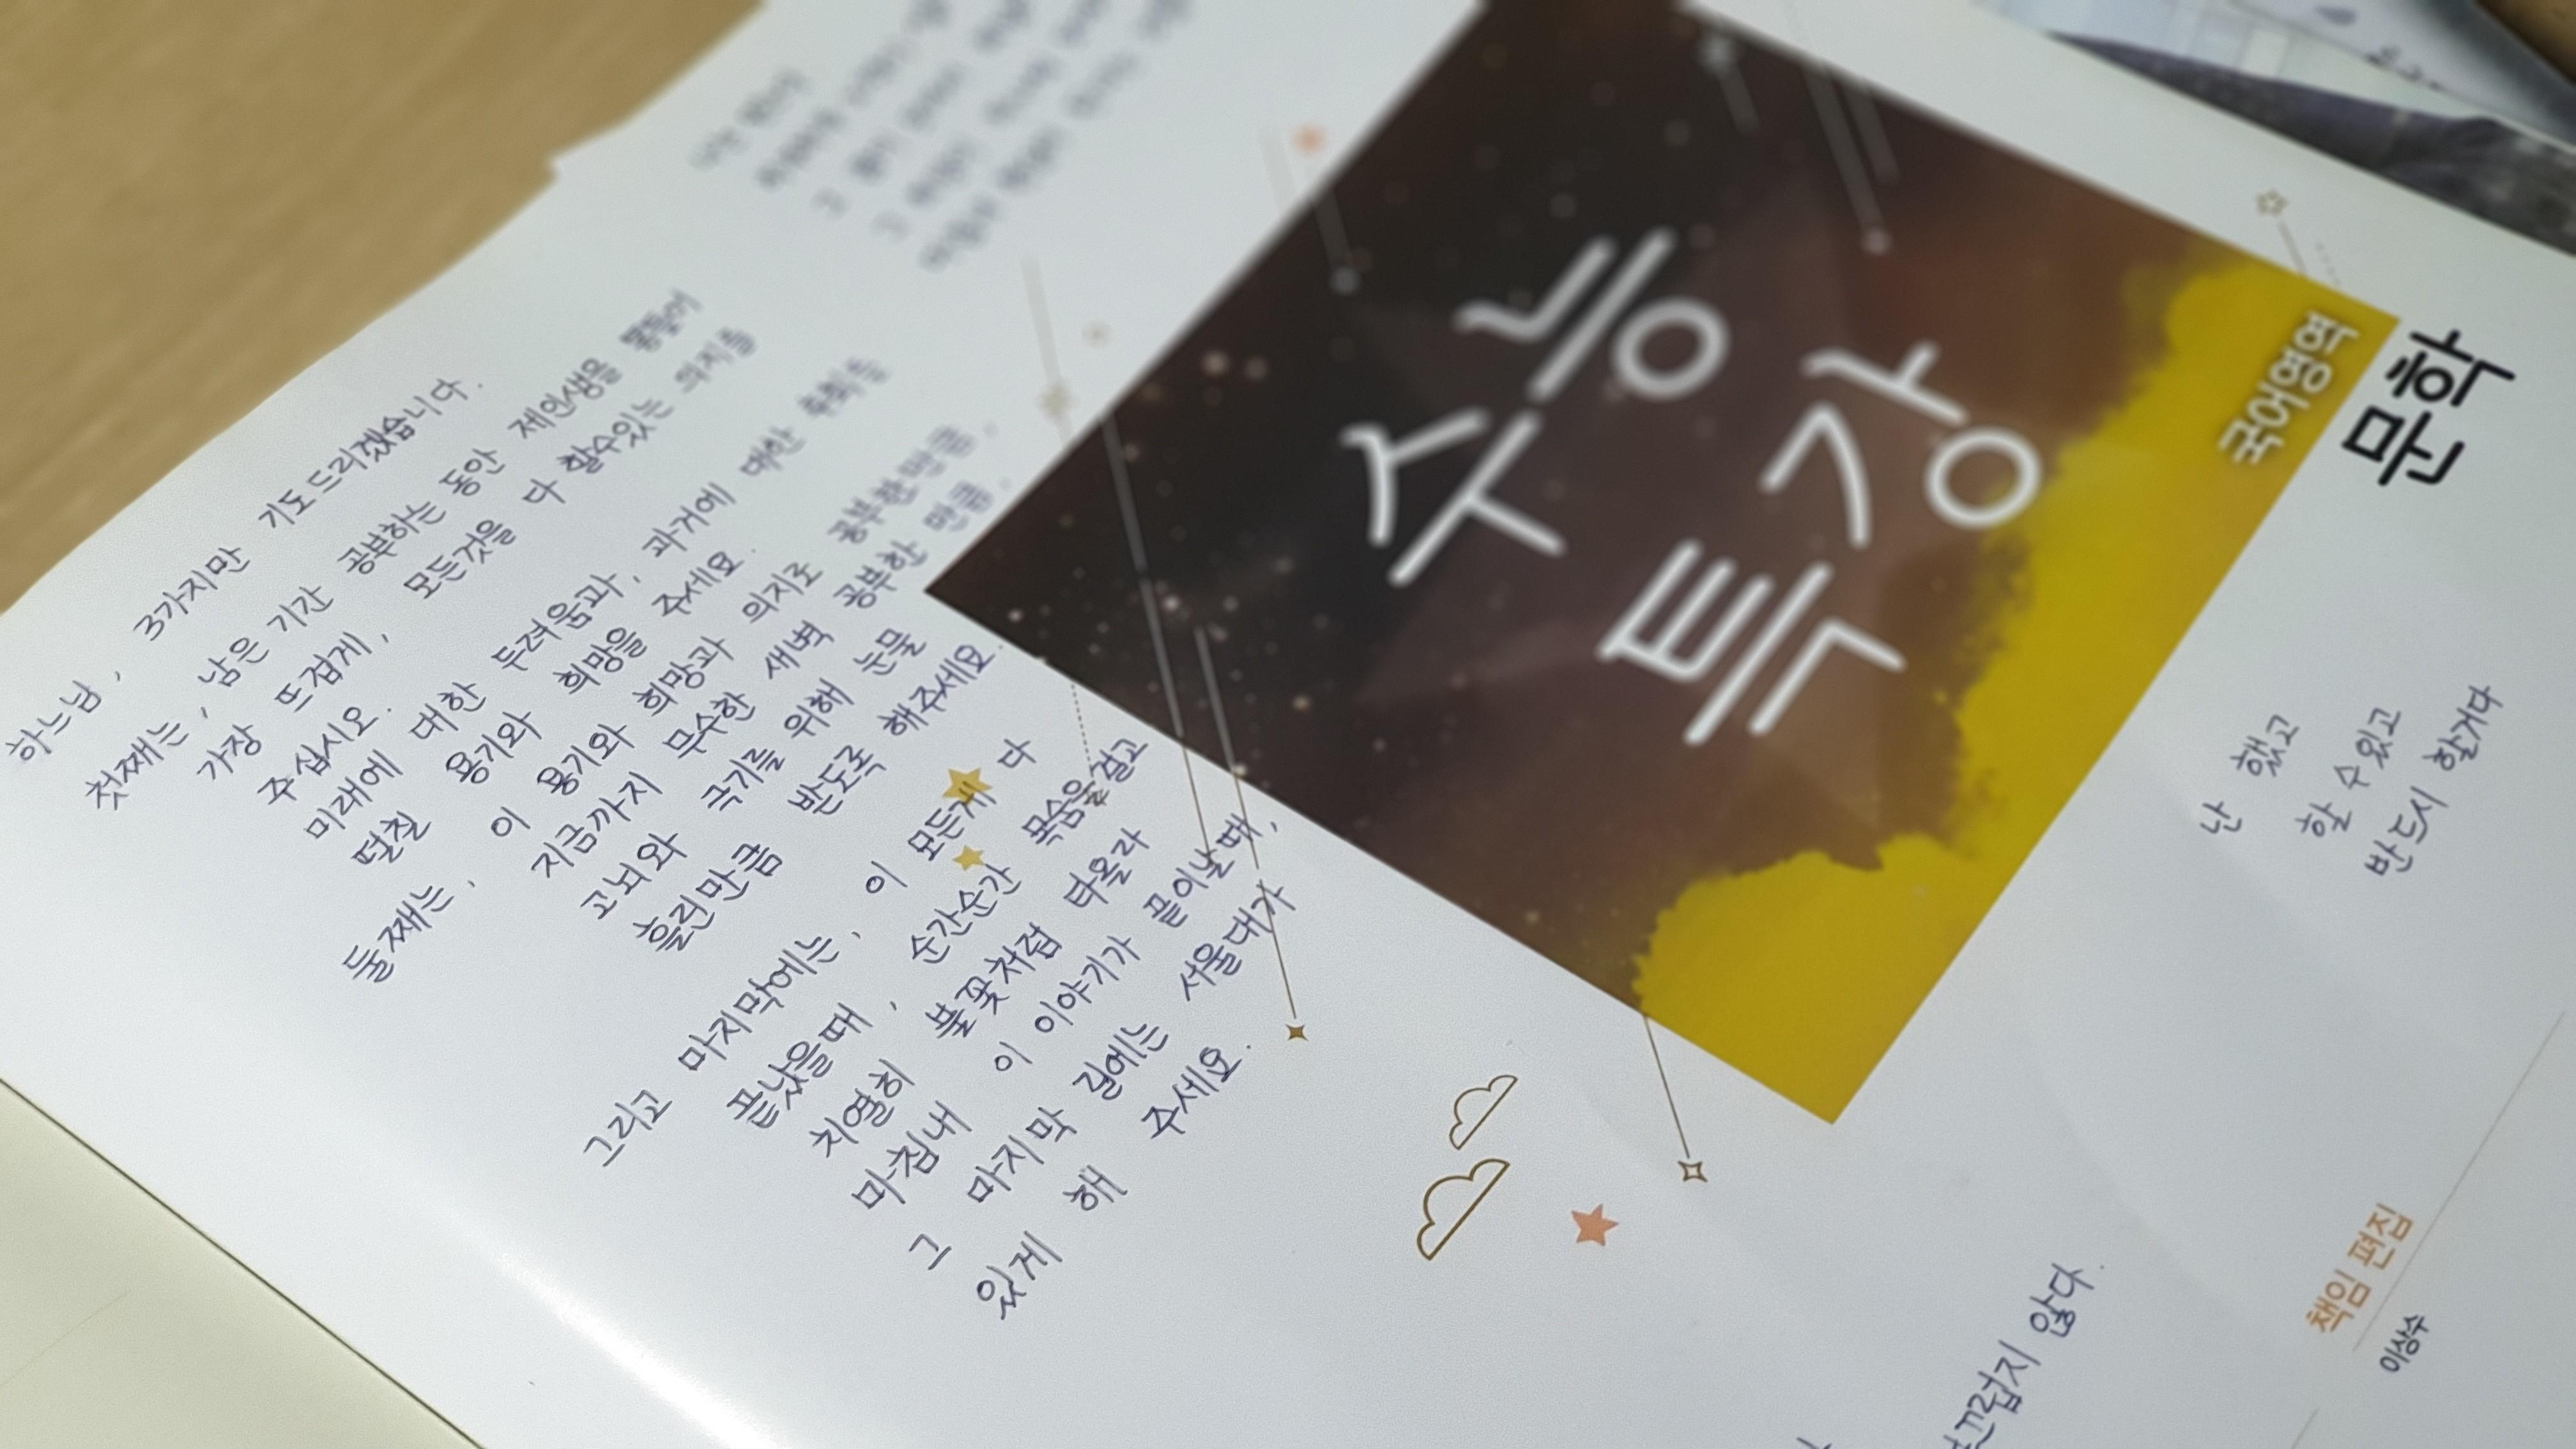 서울대학교 영어교육과 합격 수기